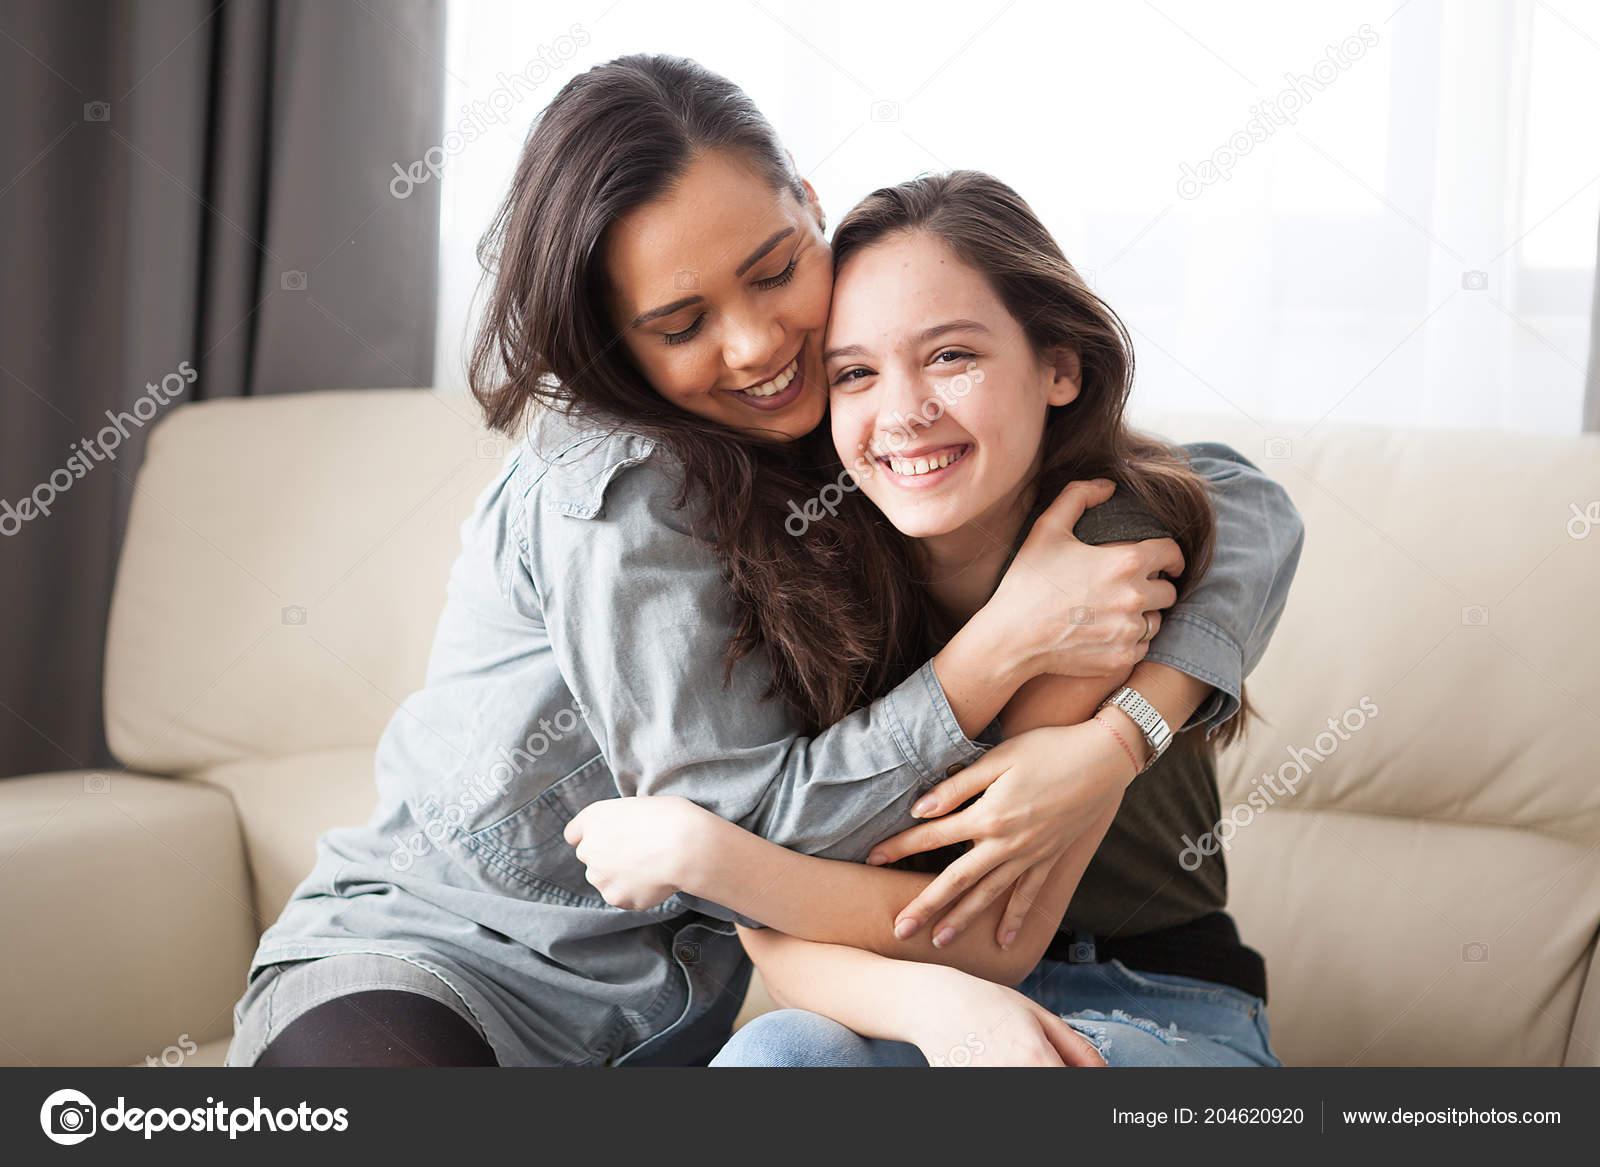 Русское порно как брат трахнул молодую сестру, Инцест. Брат и сестра. Мать и сын. И так далее Форум 15 фотография